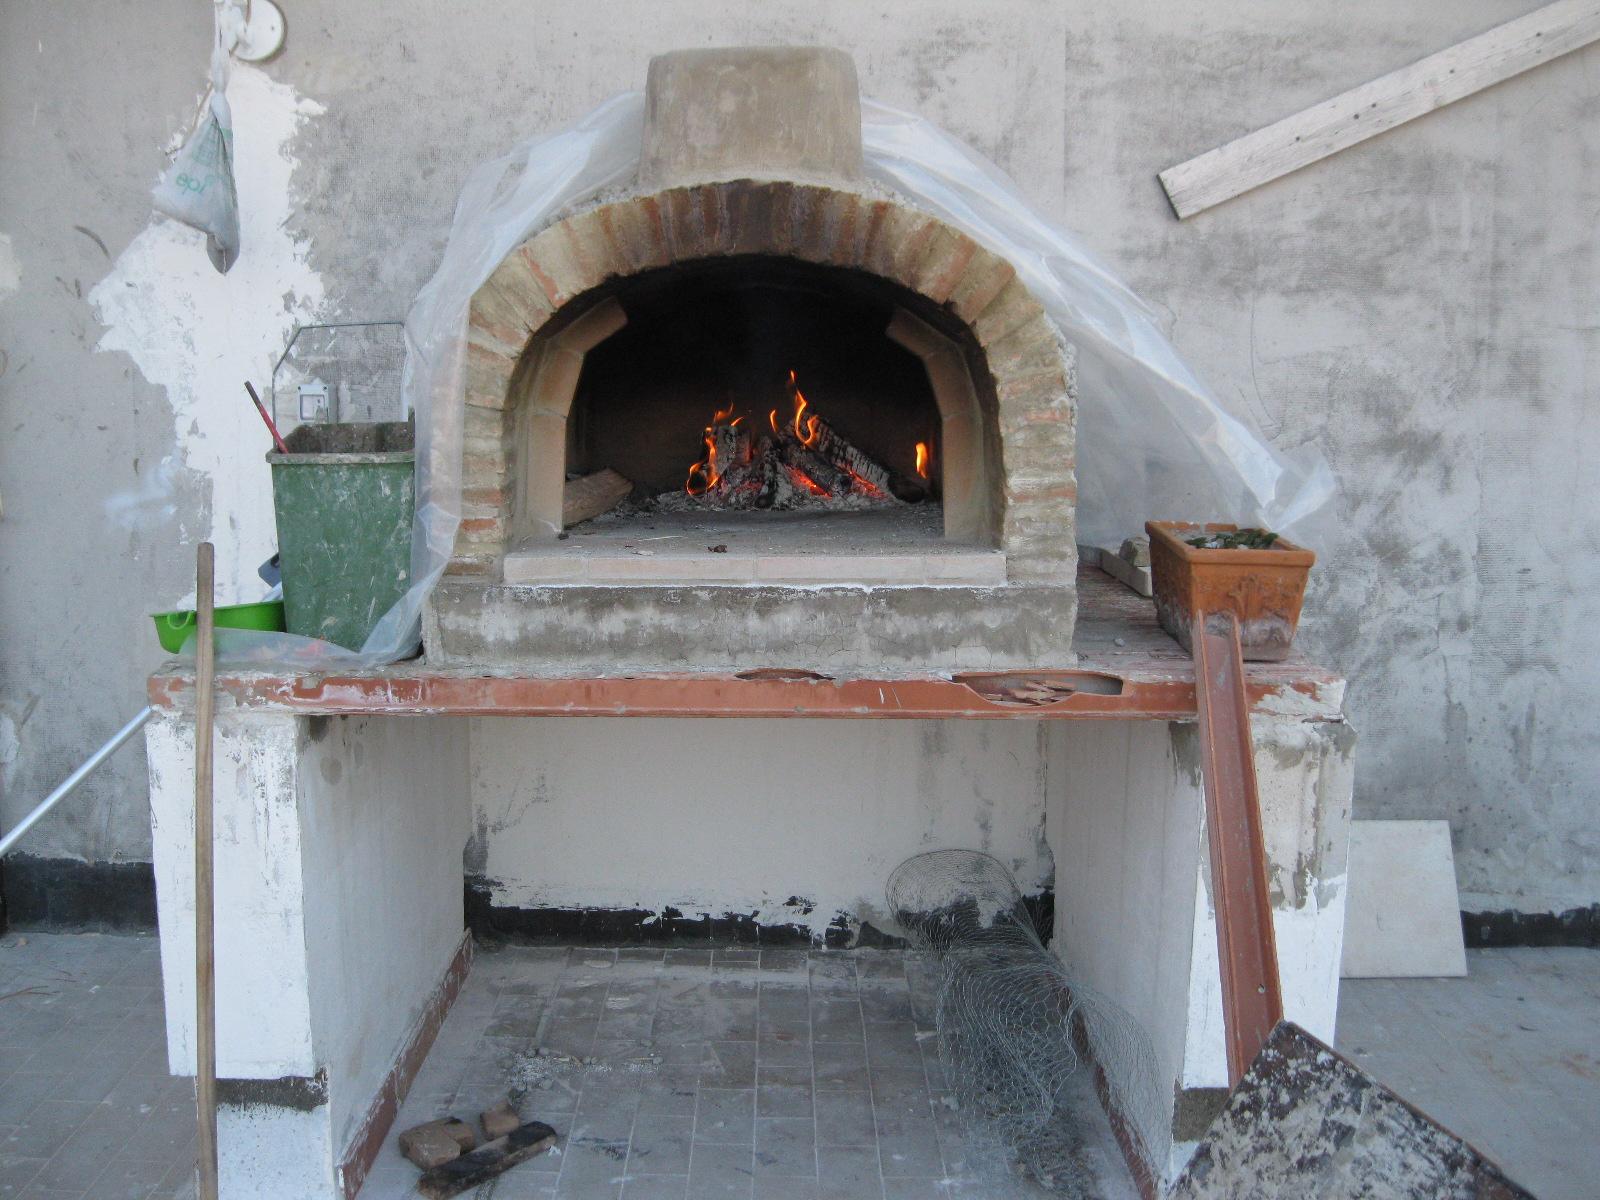 Il mio forno a legna forum attrezzature in pizzeria su - Temperatura forno a legna pizza ...